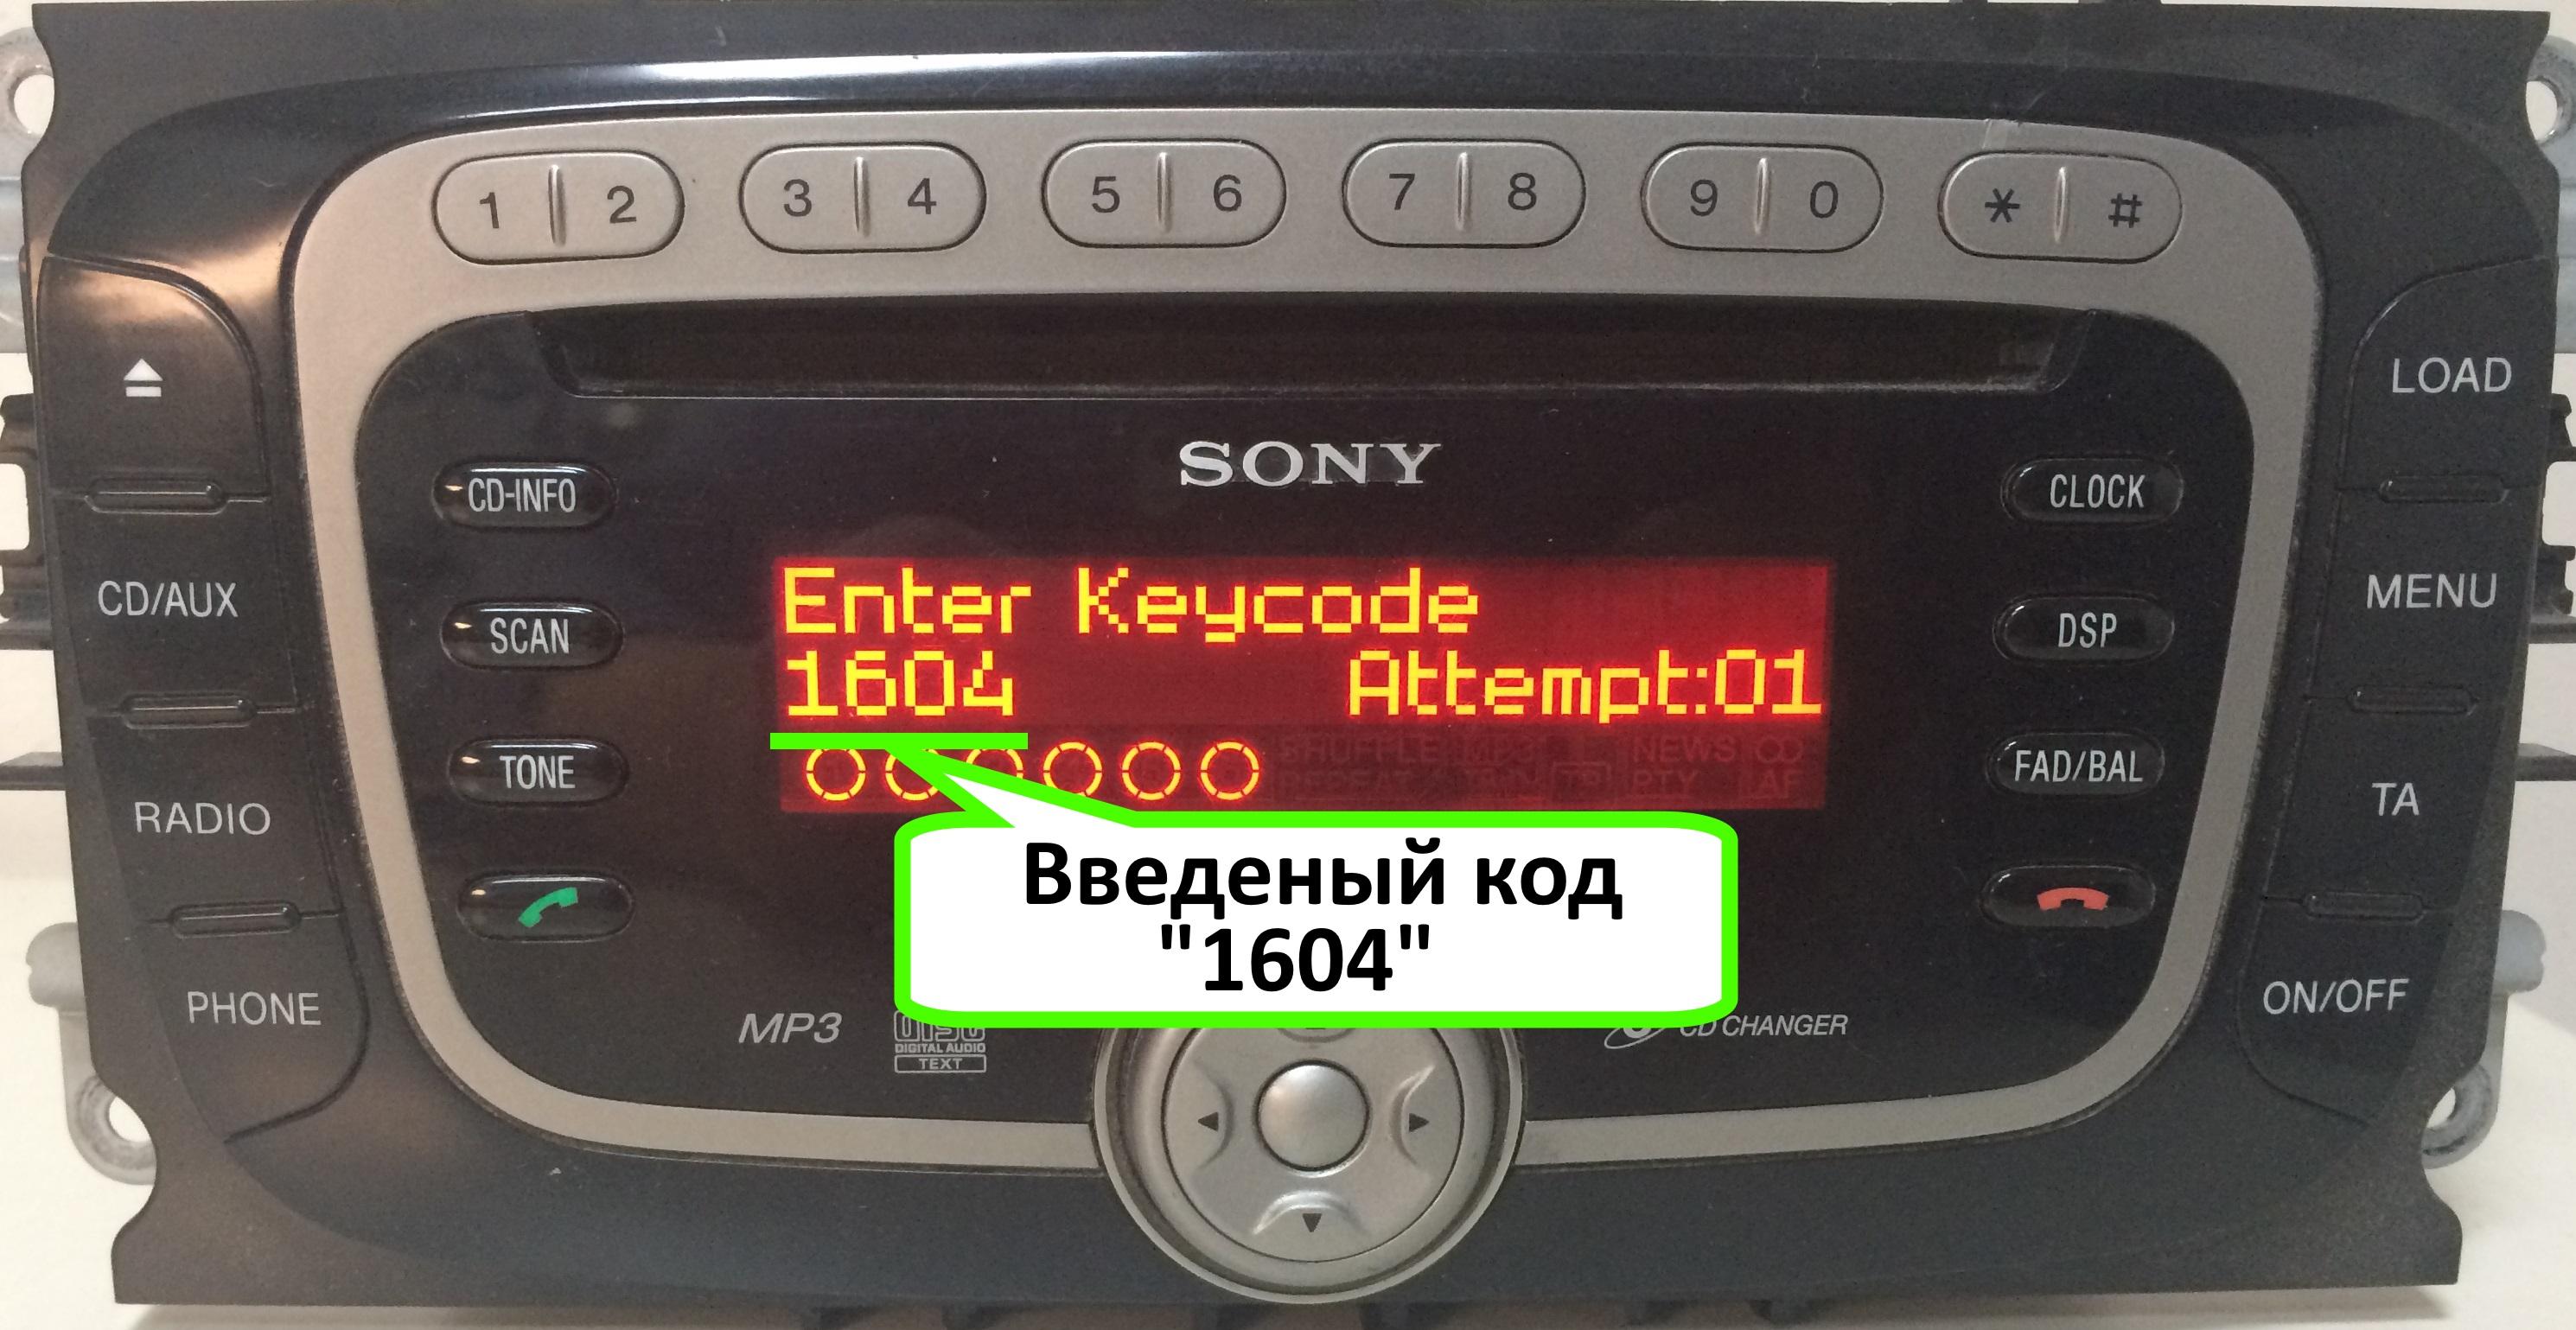 Kod_magnitola_sony_new